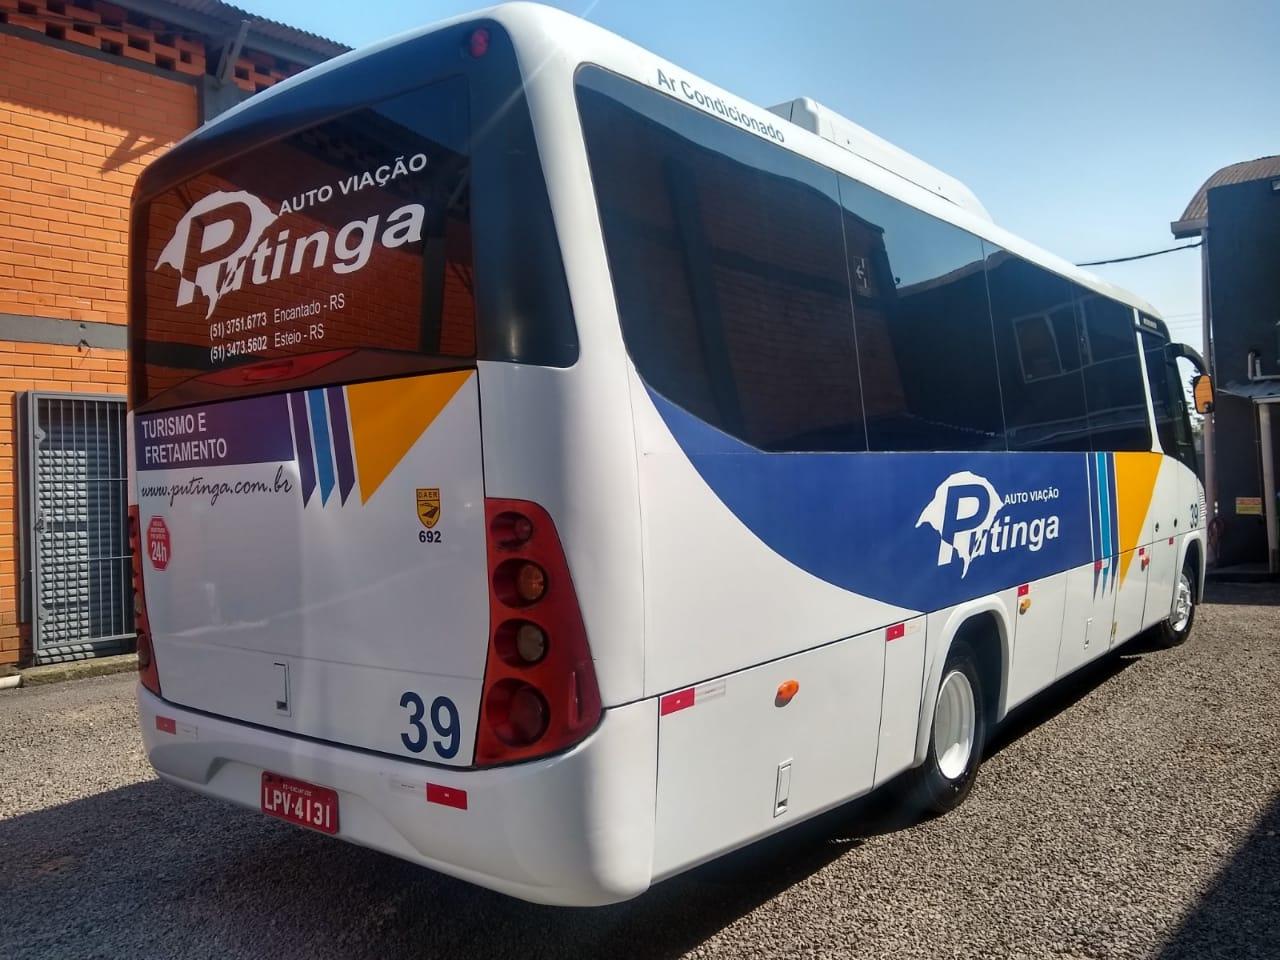 Seminovos Putinga - Ônibus 39